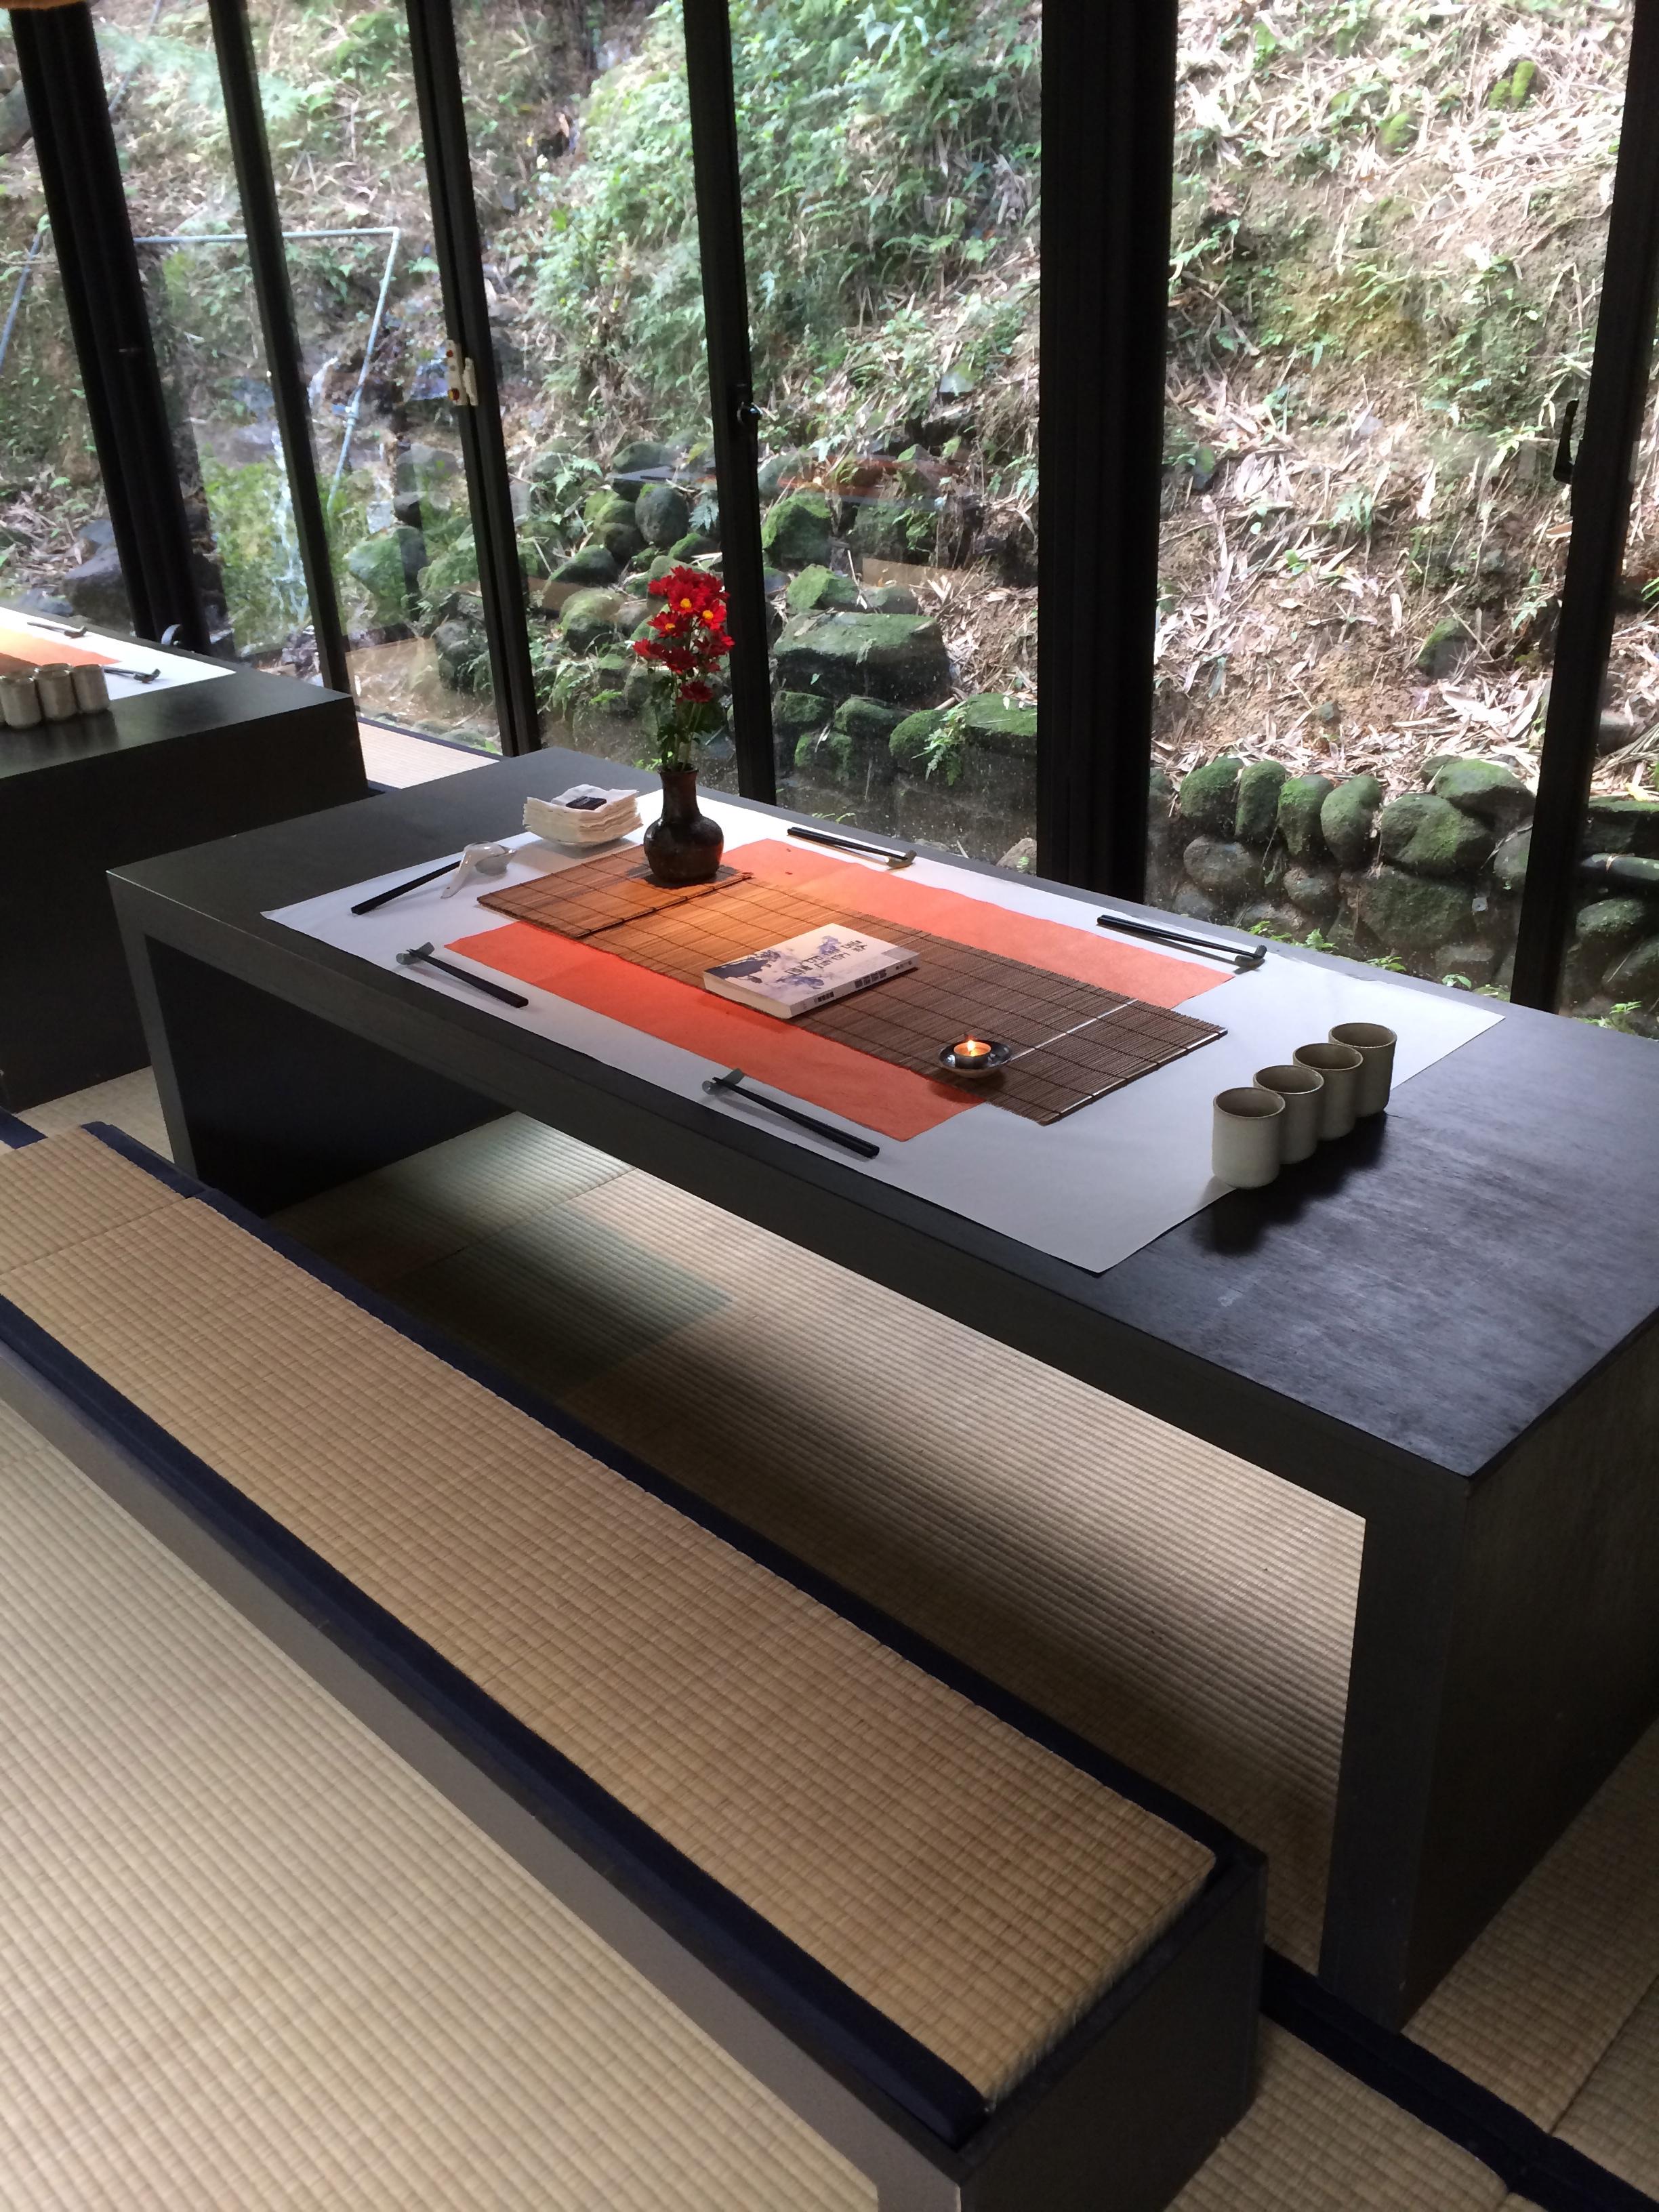 shiyang-table-setting